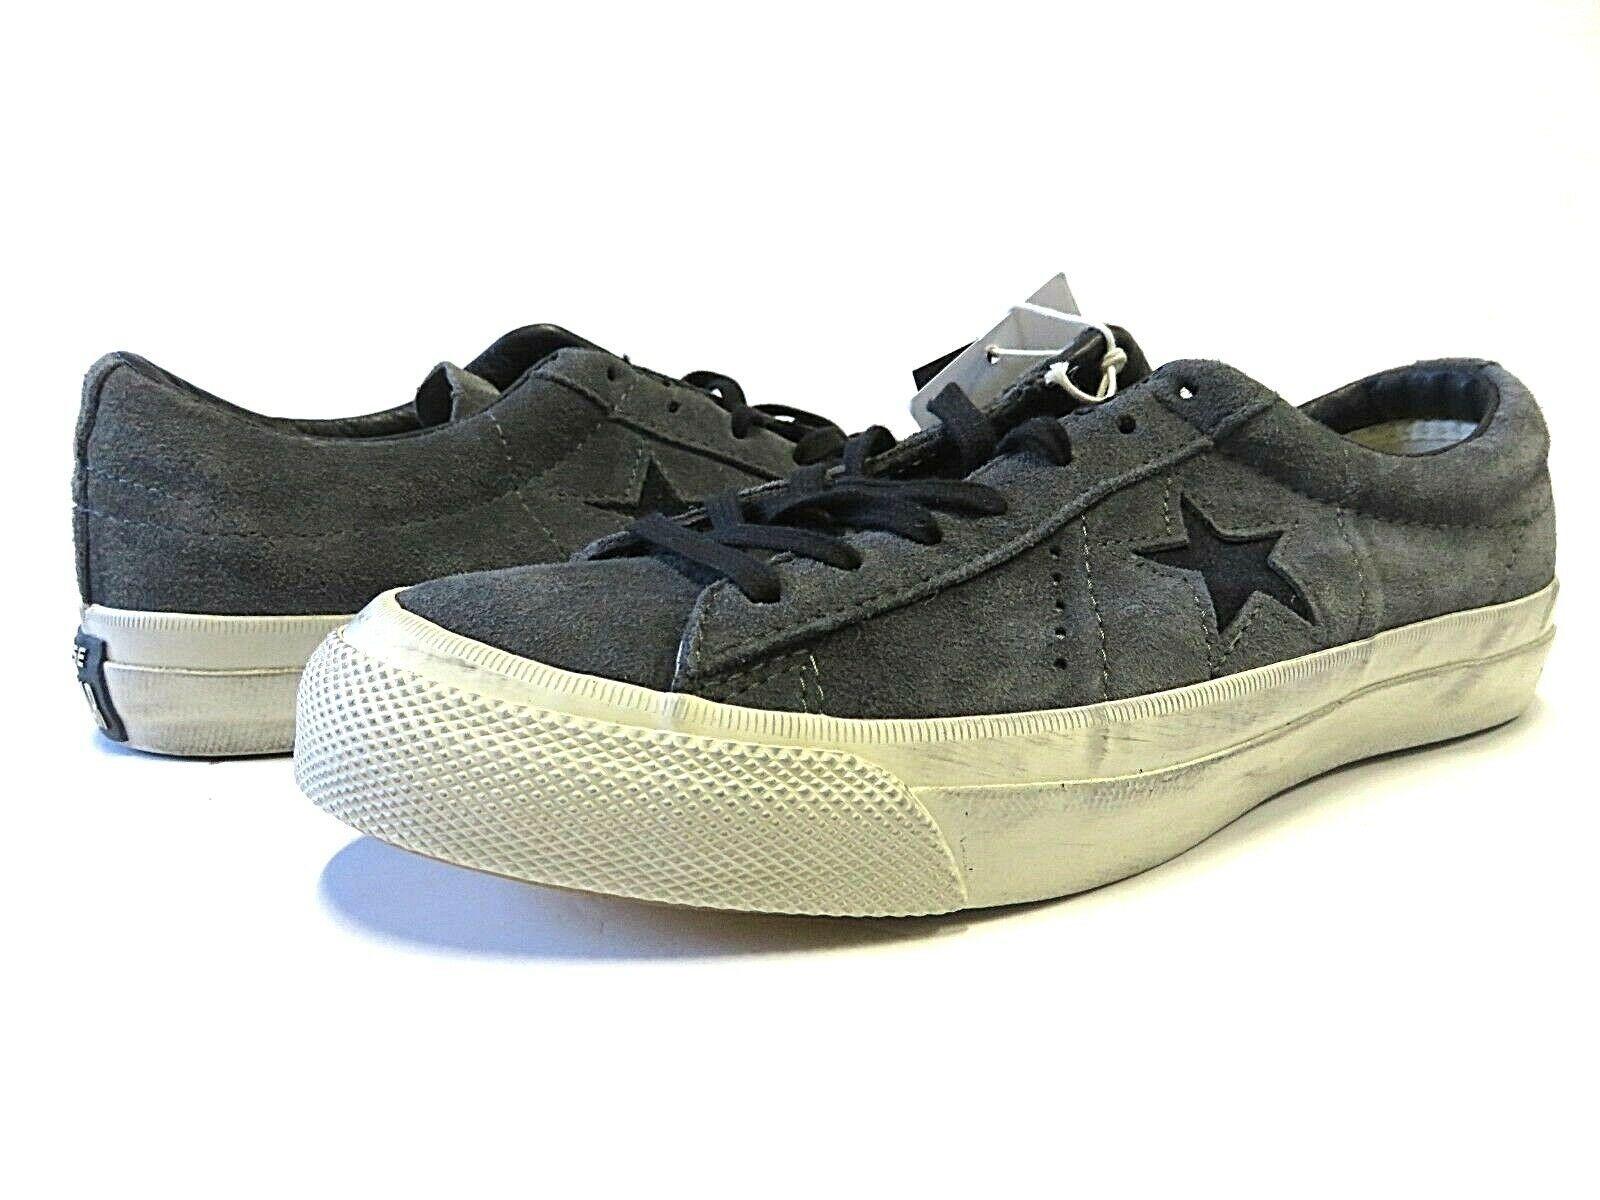 NEW Converse x John Varvatos Grey Star Shoes Size Men's 5.5 Women's 7.5 Low Top